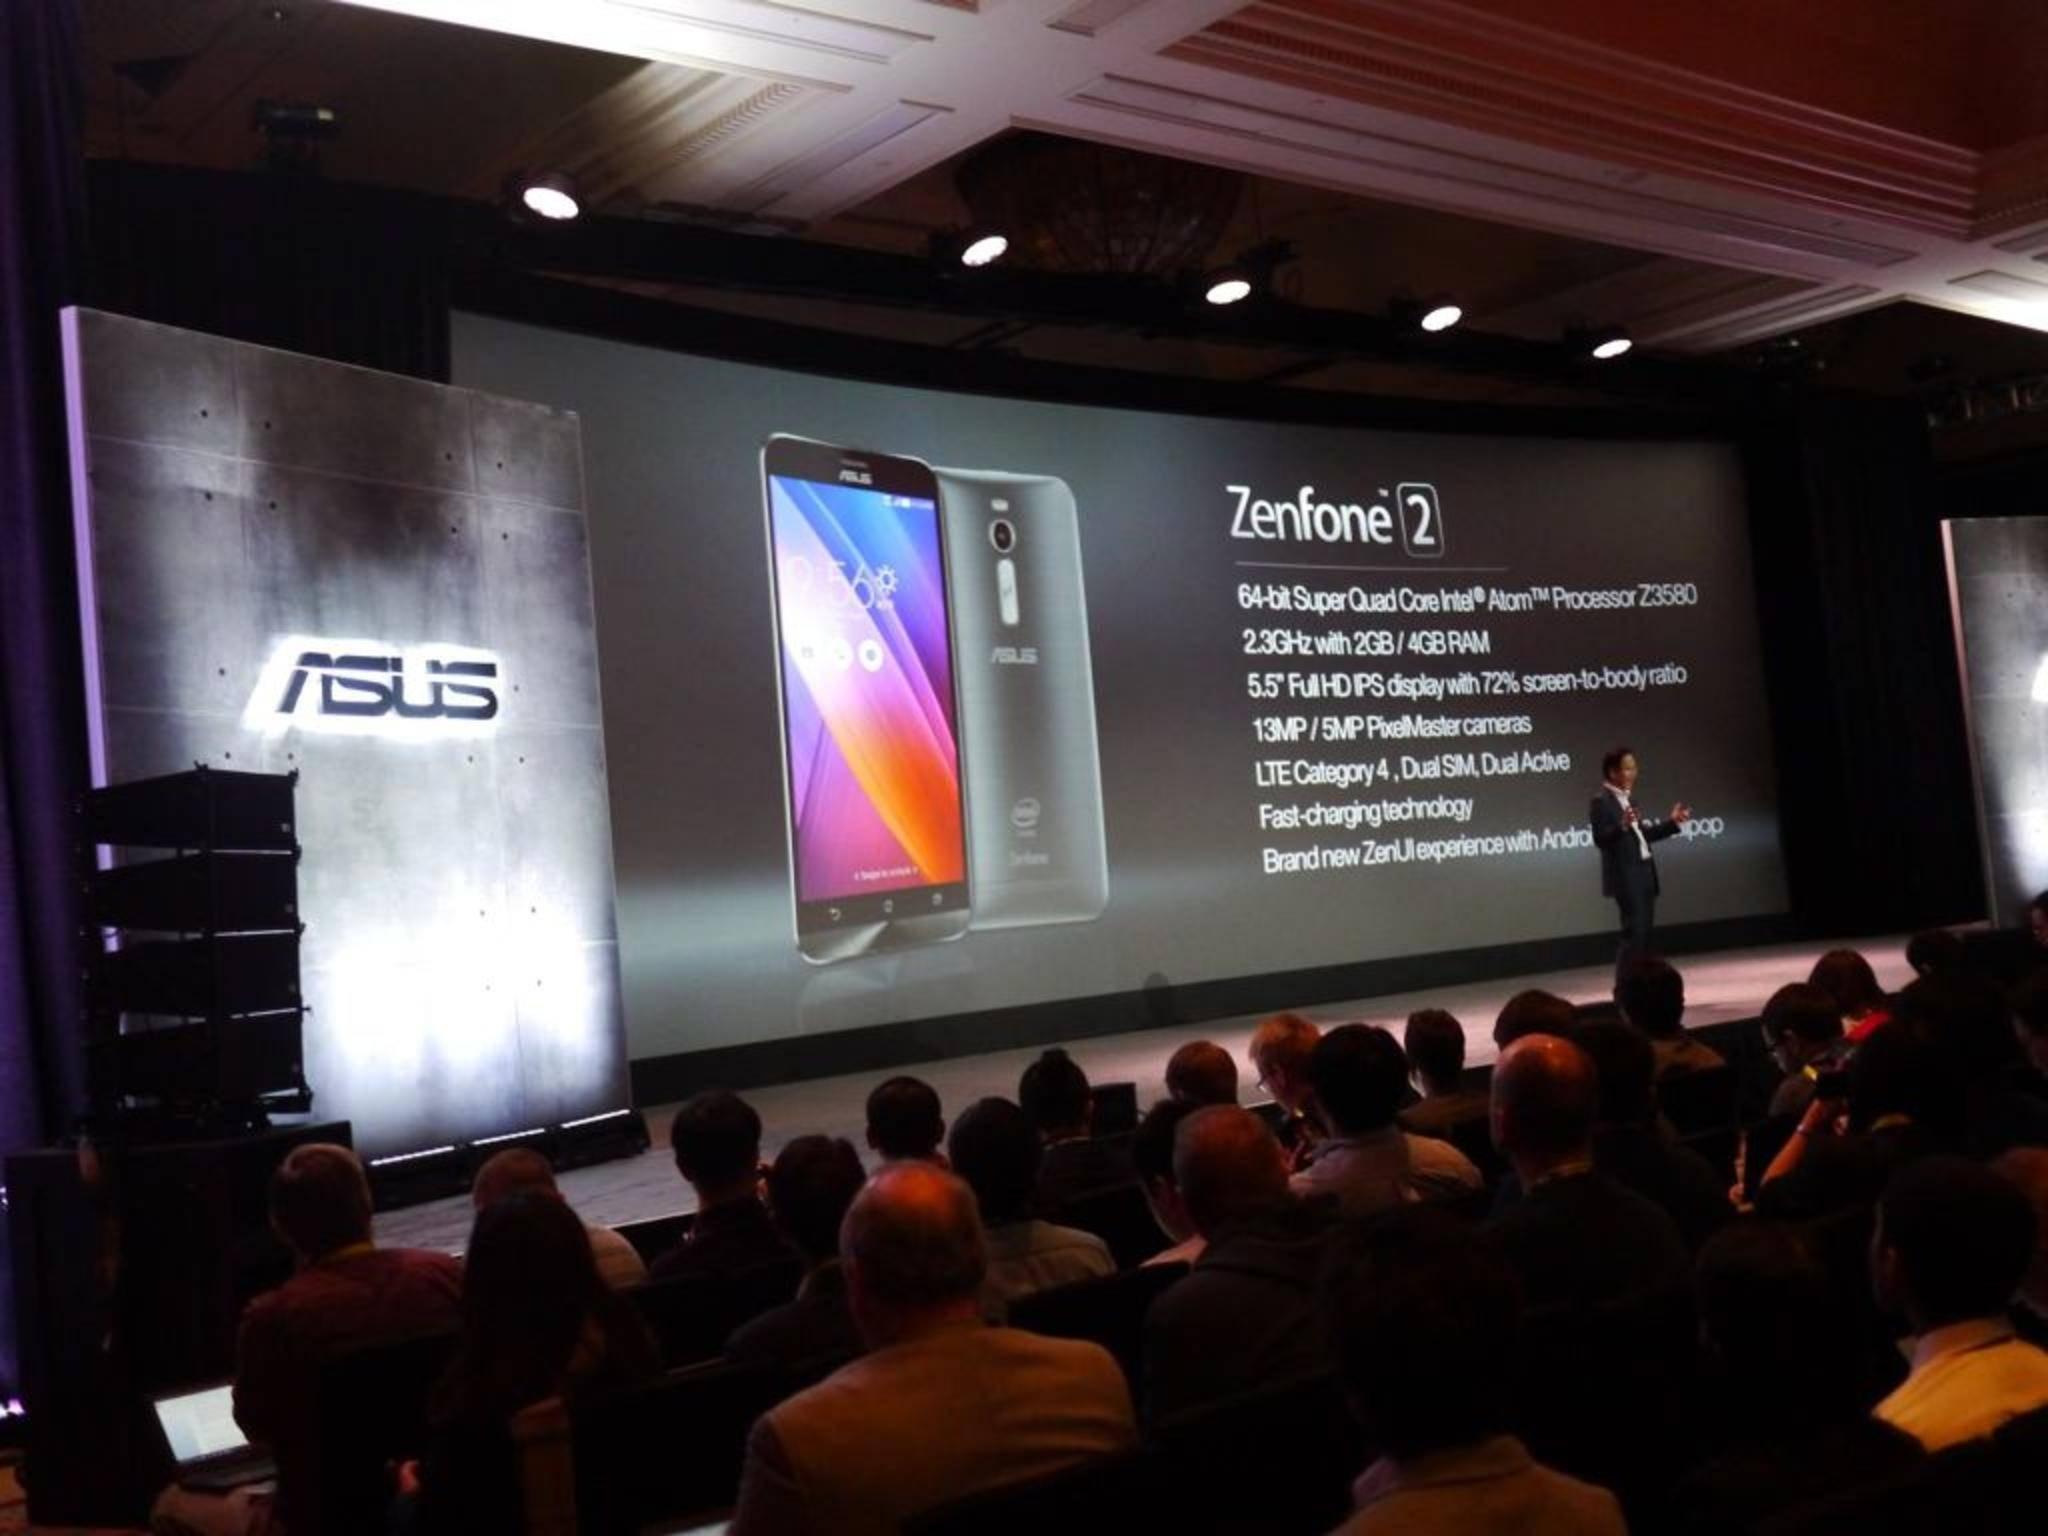 Neuankündigung von Asus: Das ZenFone 2 ist das erste Smartphone mit 4 GB Arbeitsspeicher.